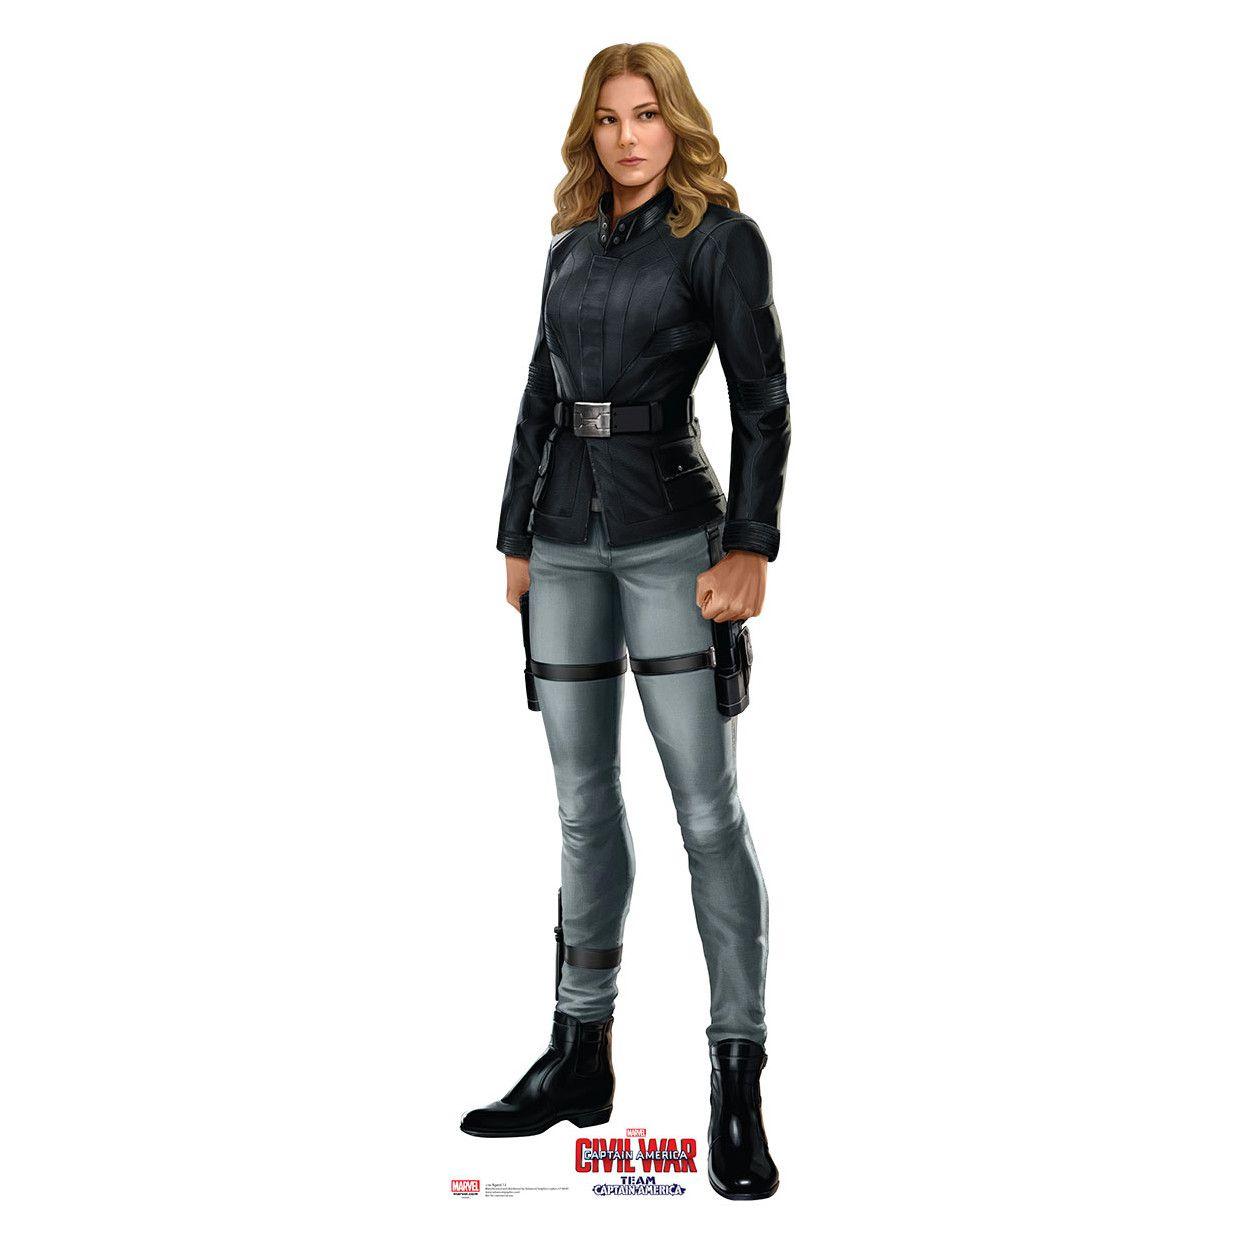 Civil war agent 13 cardboard cutout black agent 13